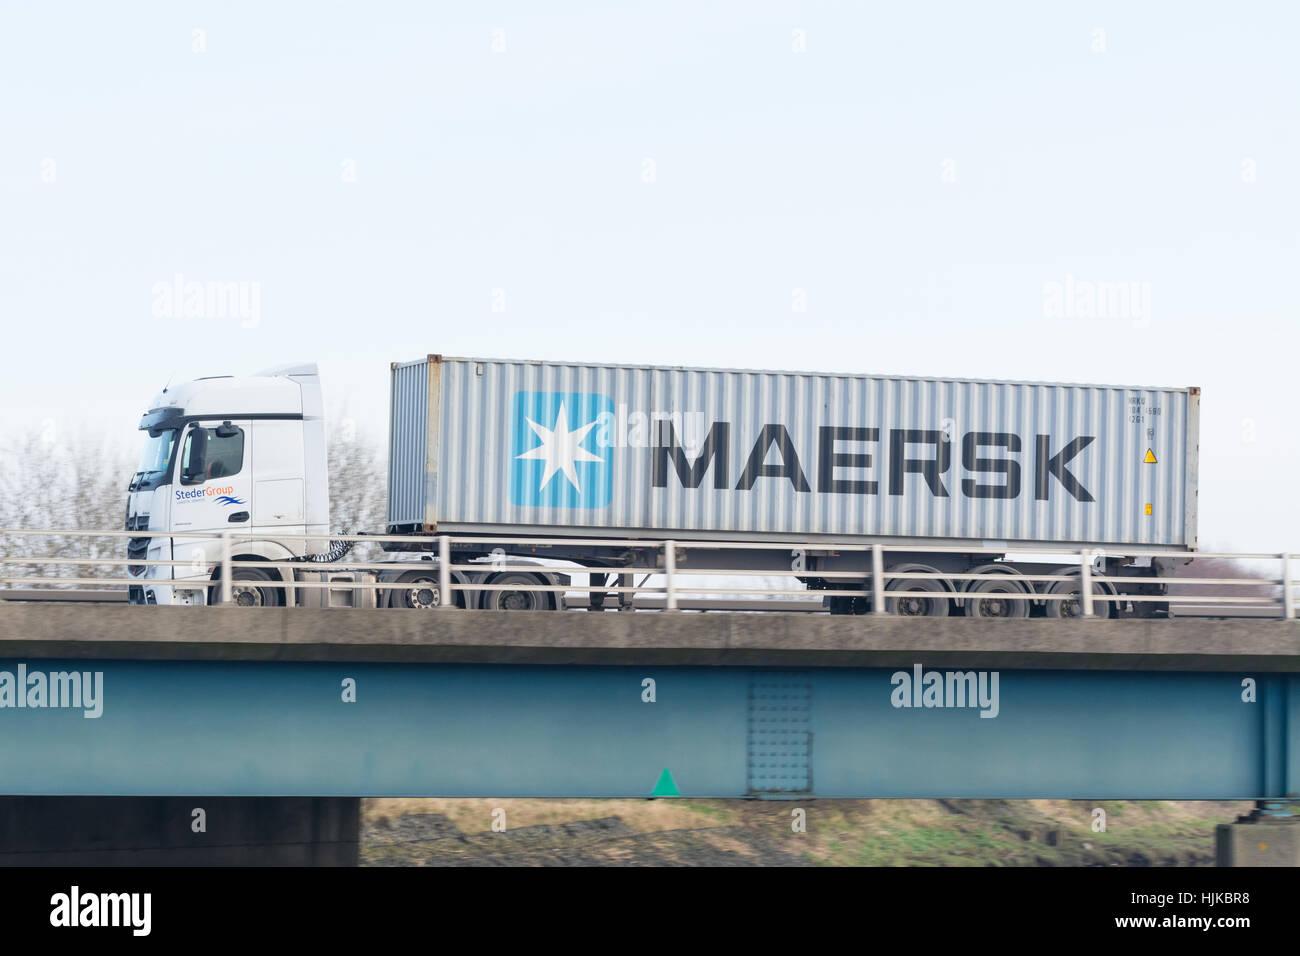 Maersk Versandbehälter auf der Rückseite eines LKW auf Autobahn UK Stockbild